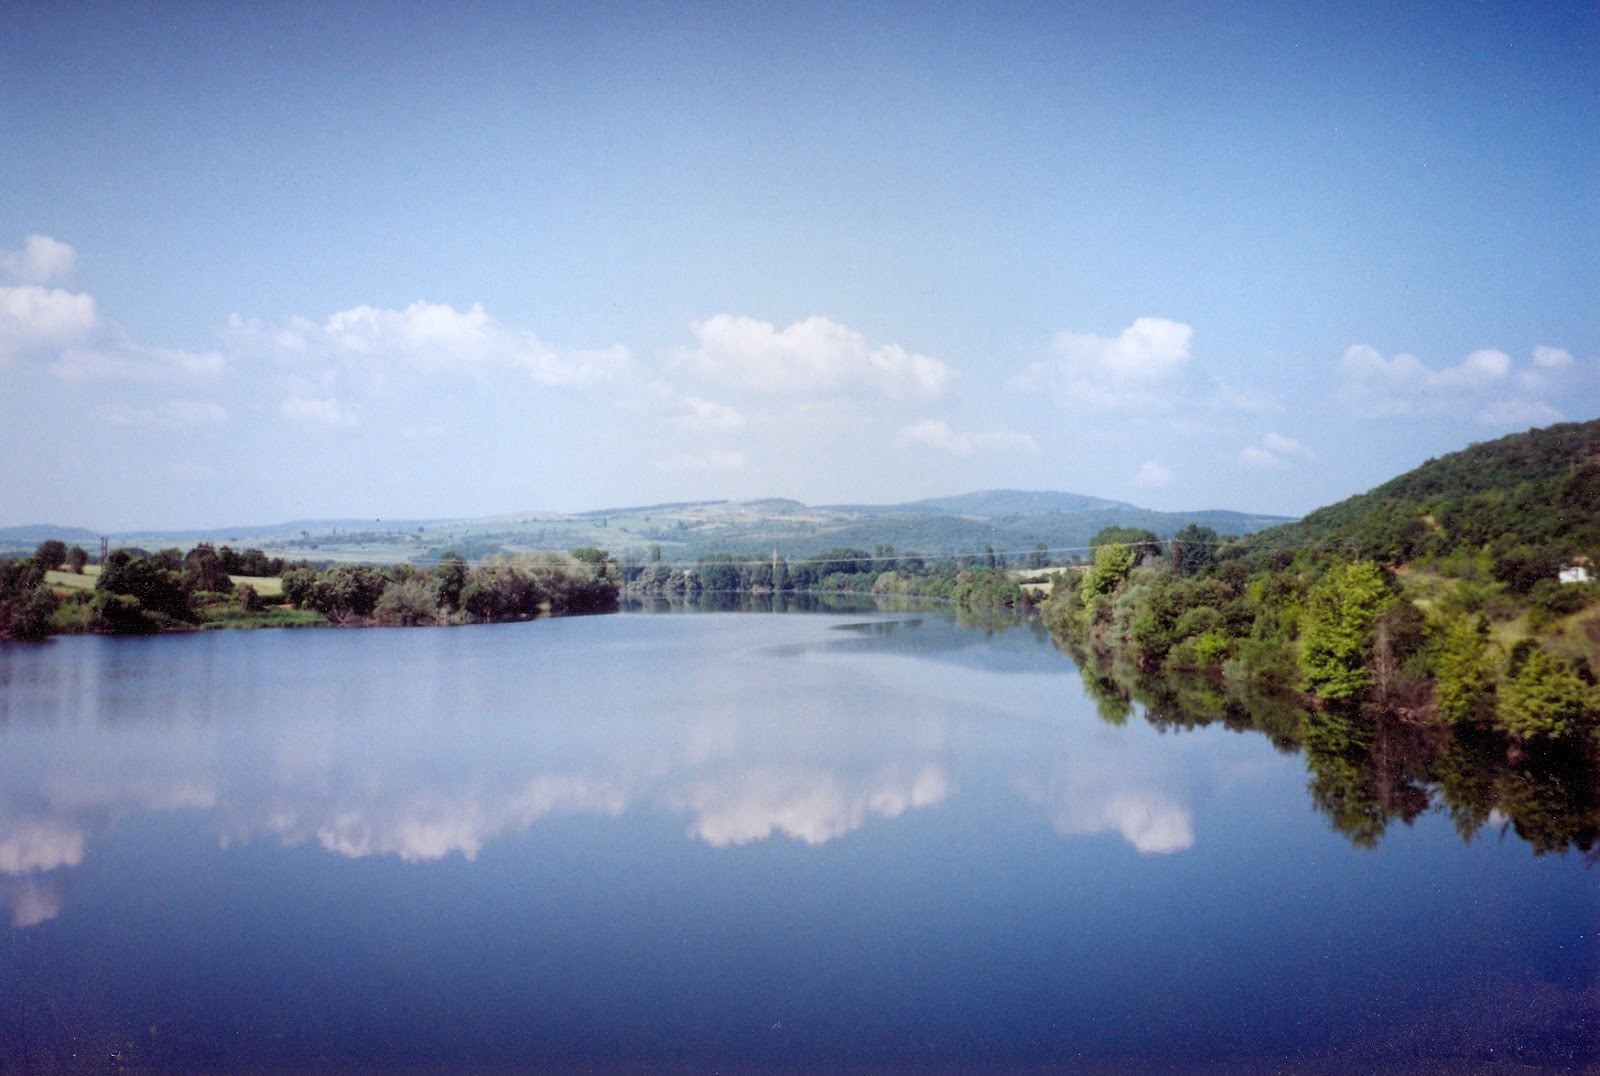 Αποτέλεσμα εικόνας για εβρος ποταμος